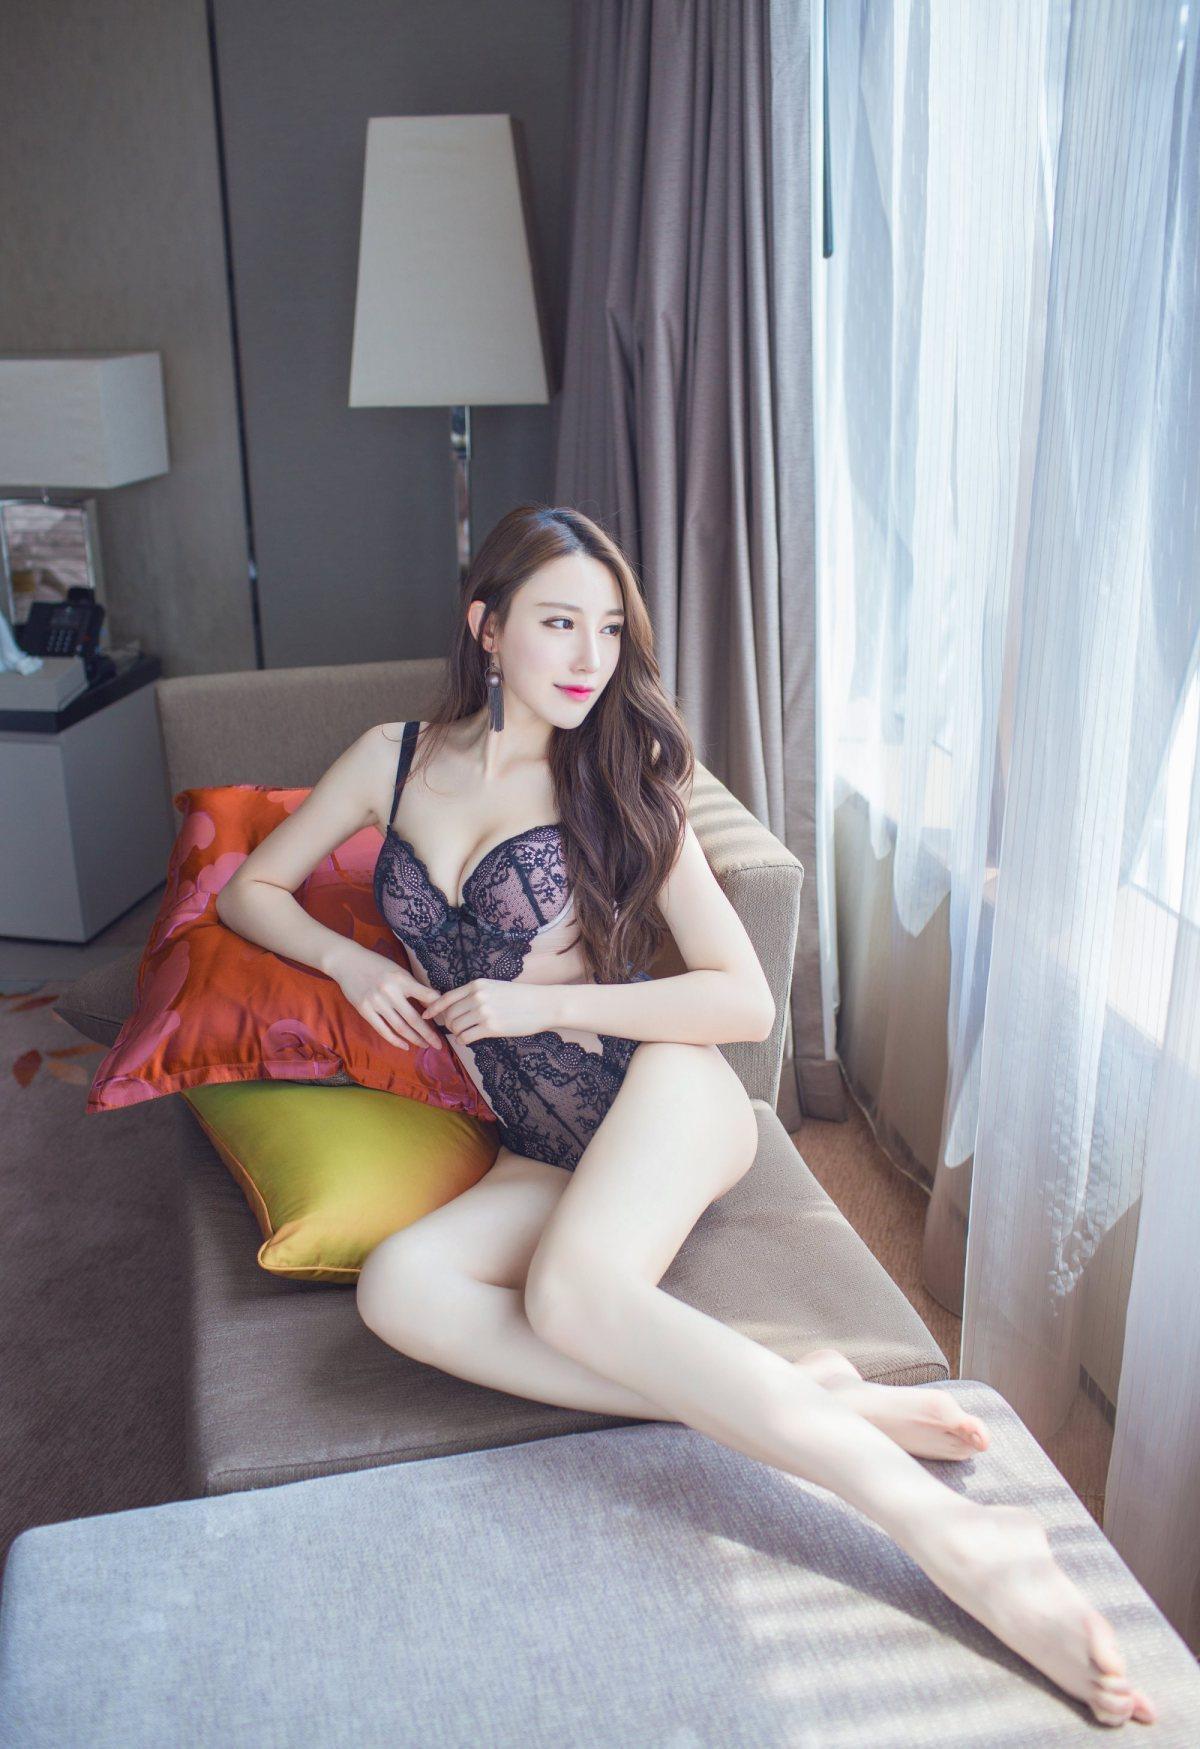 7MEYD-119熟女少妇吊带丁字裤私房